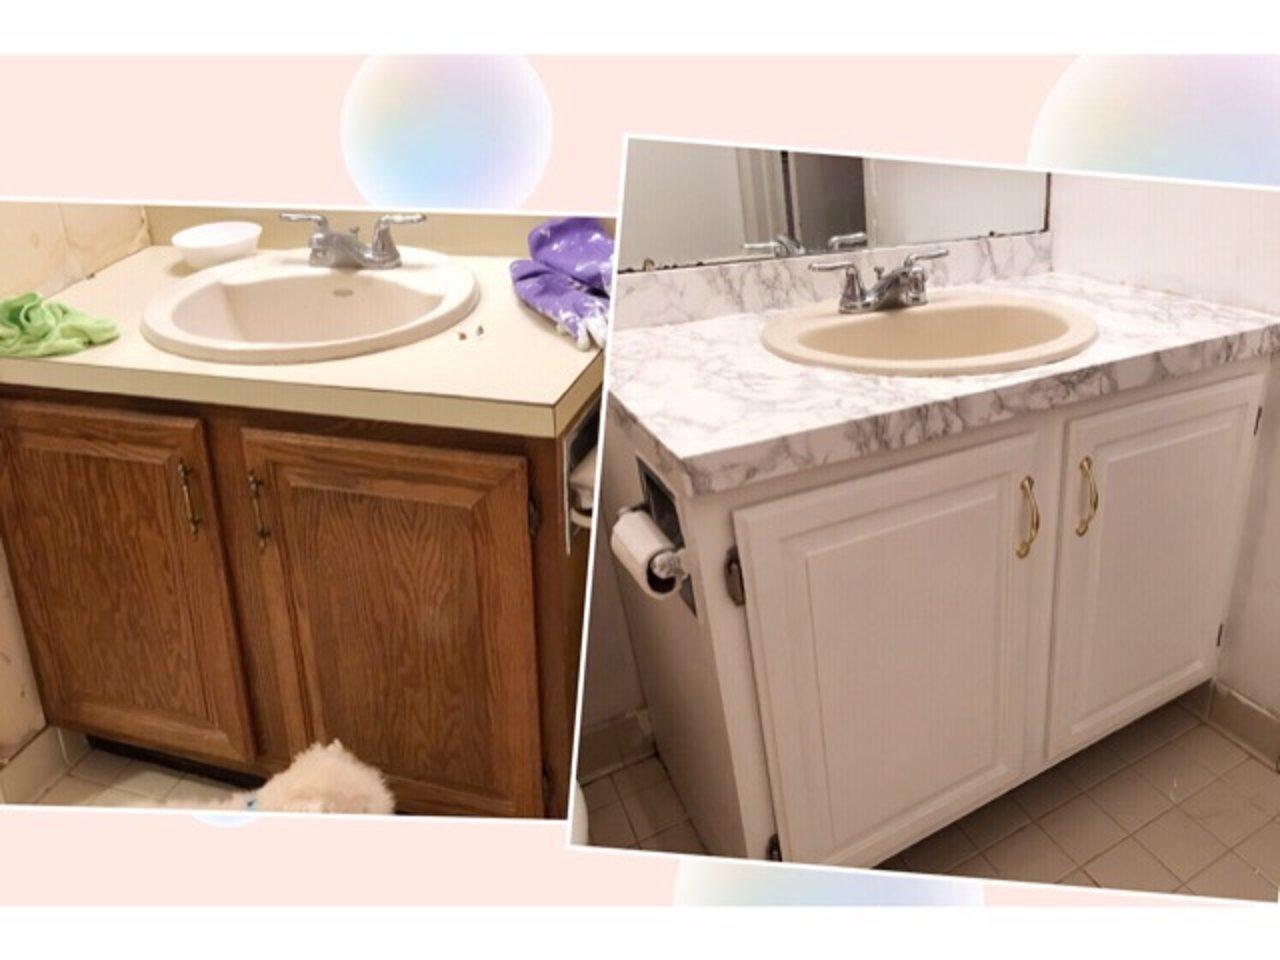 让你的洗手台闪亮起来,Step by step DIY教程